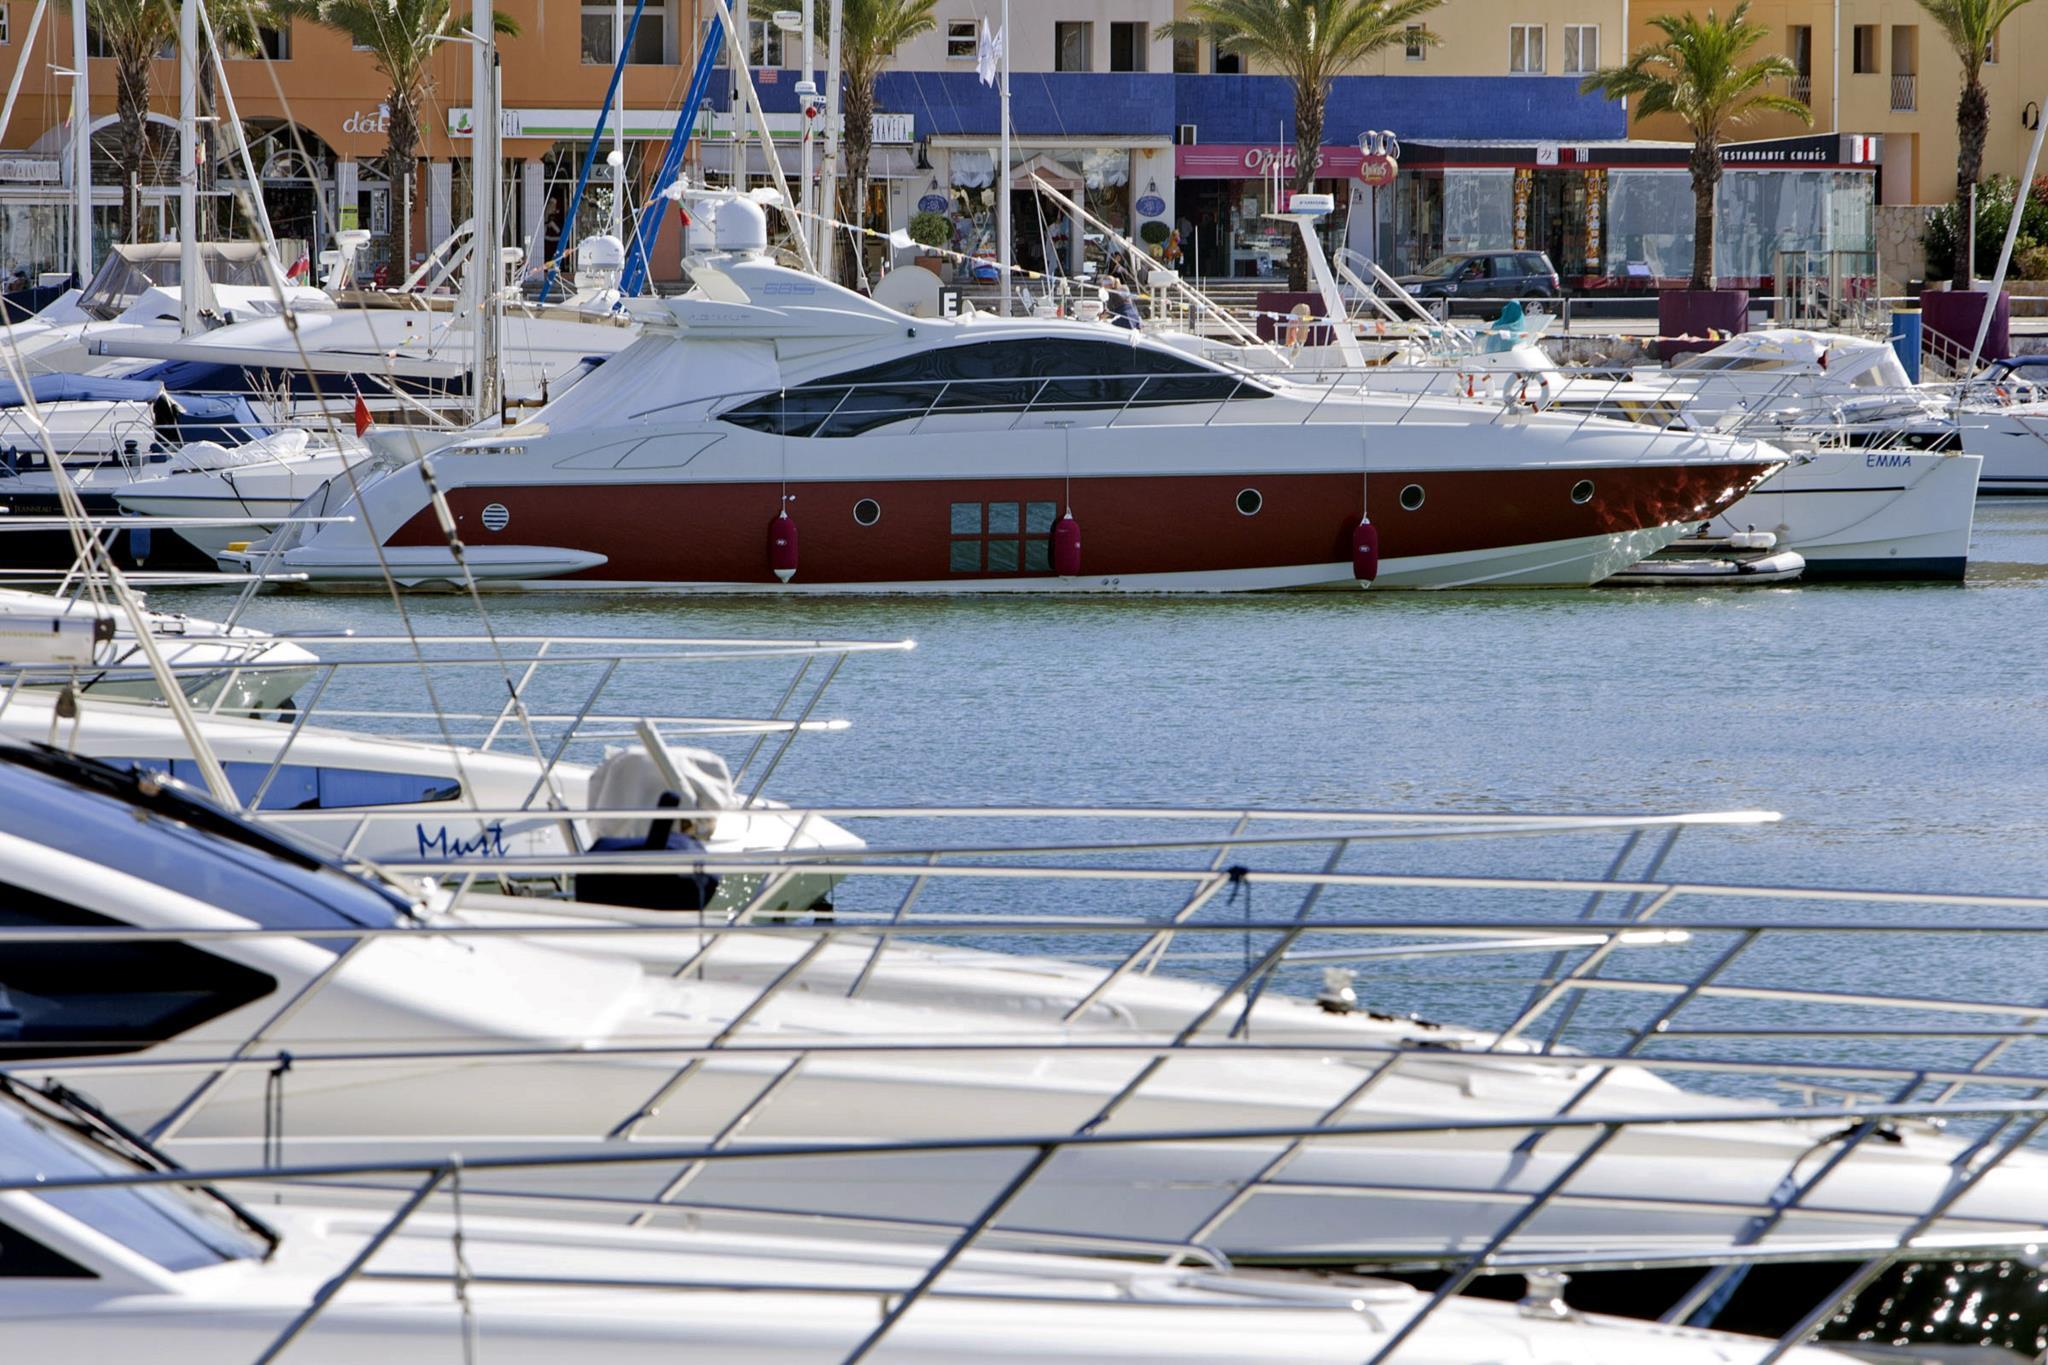 A Marina de Vilamoura recebeu no ano passado mais de três milhões de visitantes